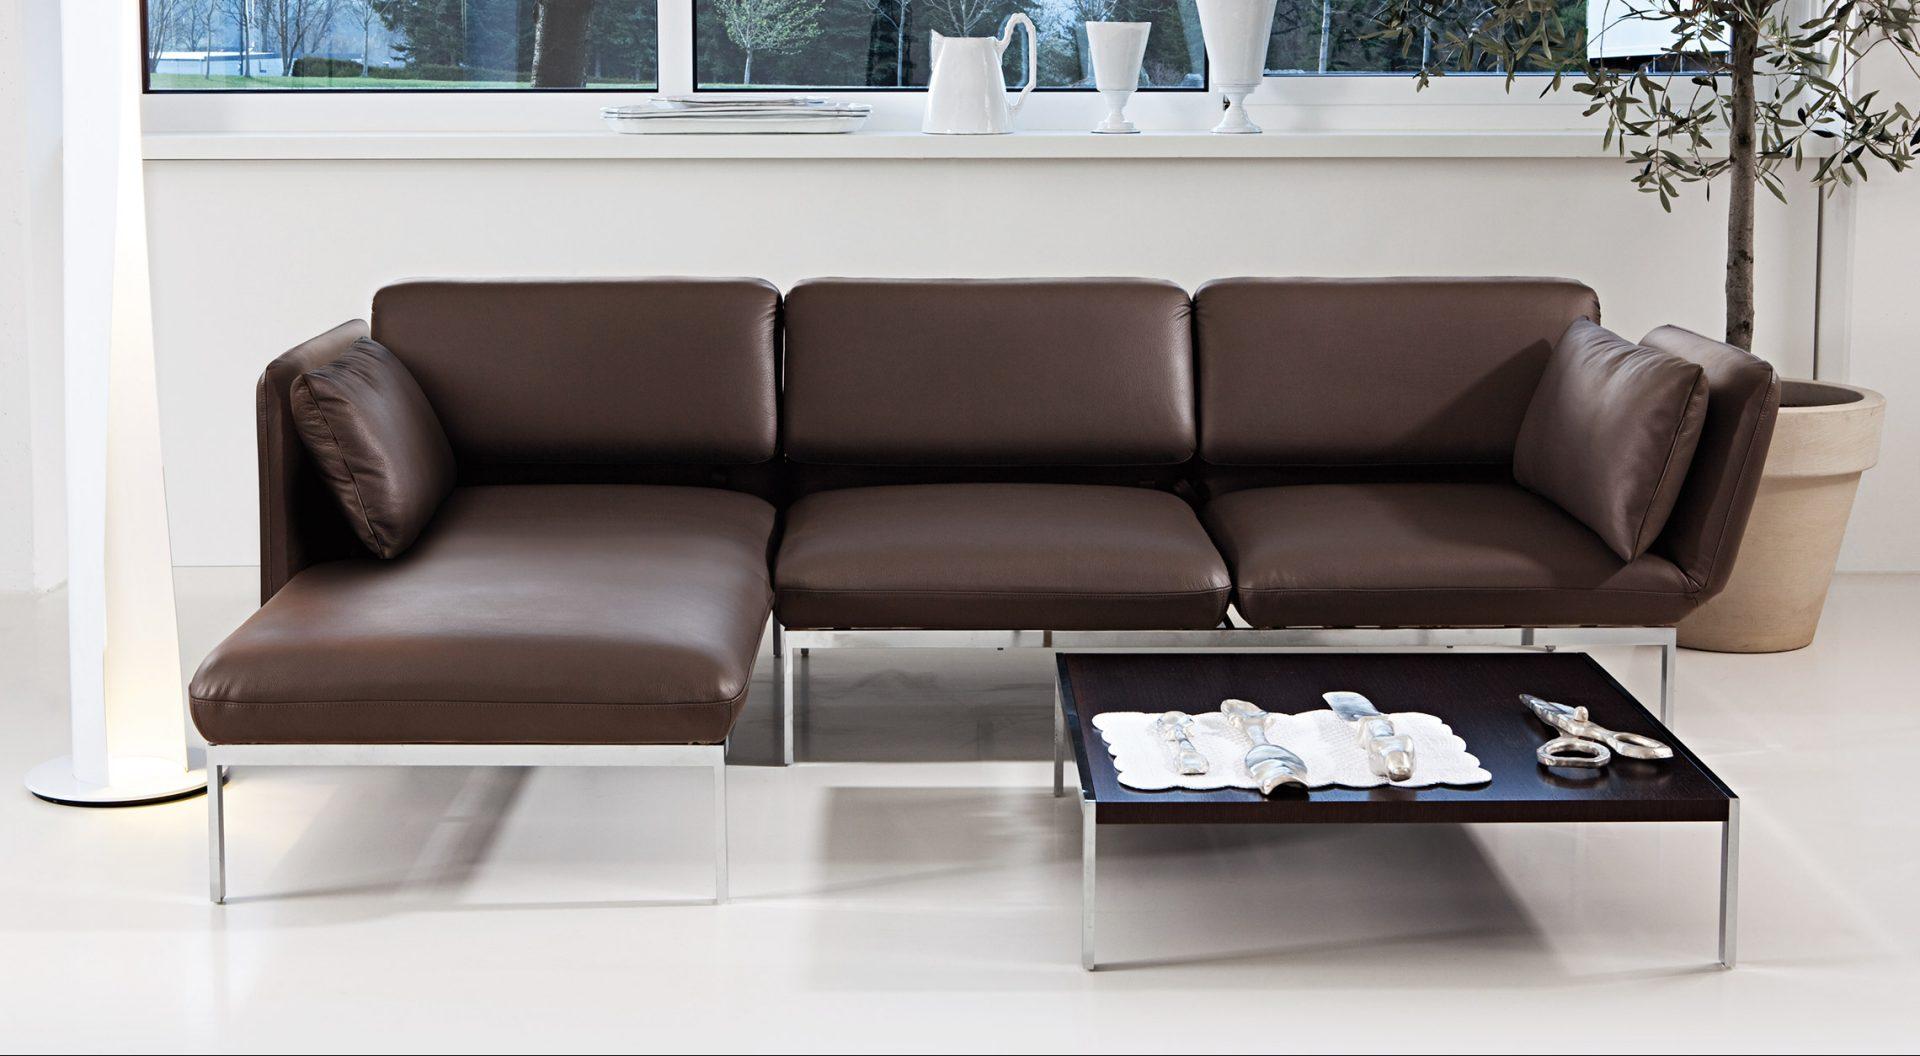 br hl sippold. Black Bedroom Furniture Sets. Home Design Ideas